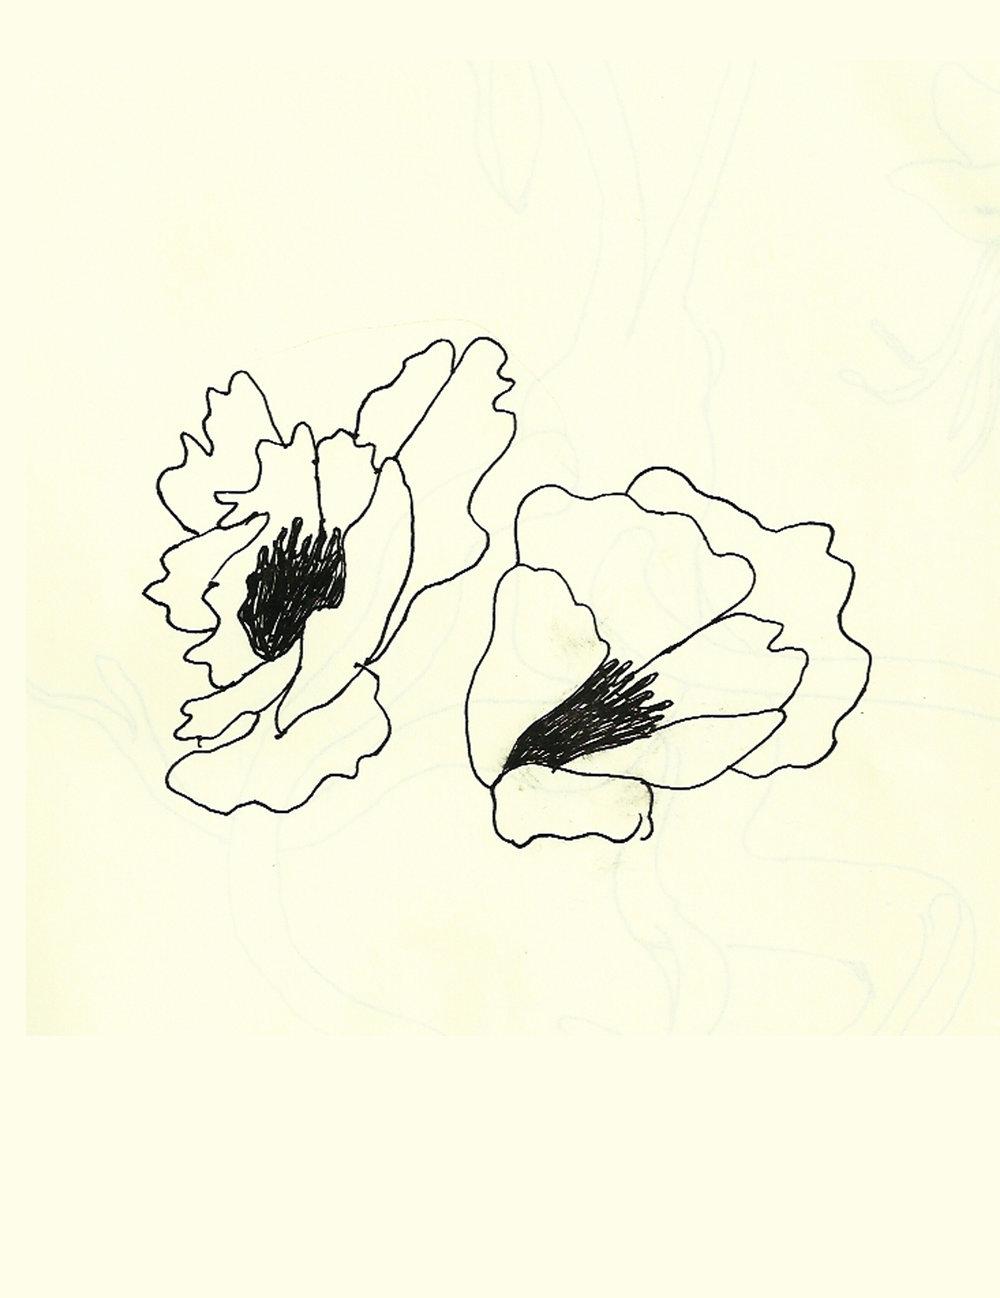 sketch-68.jpg